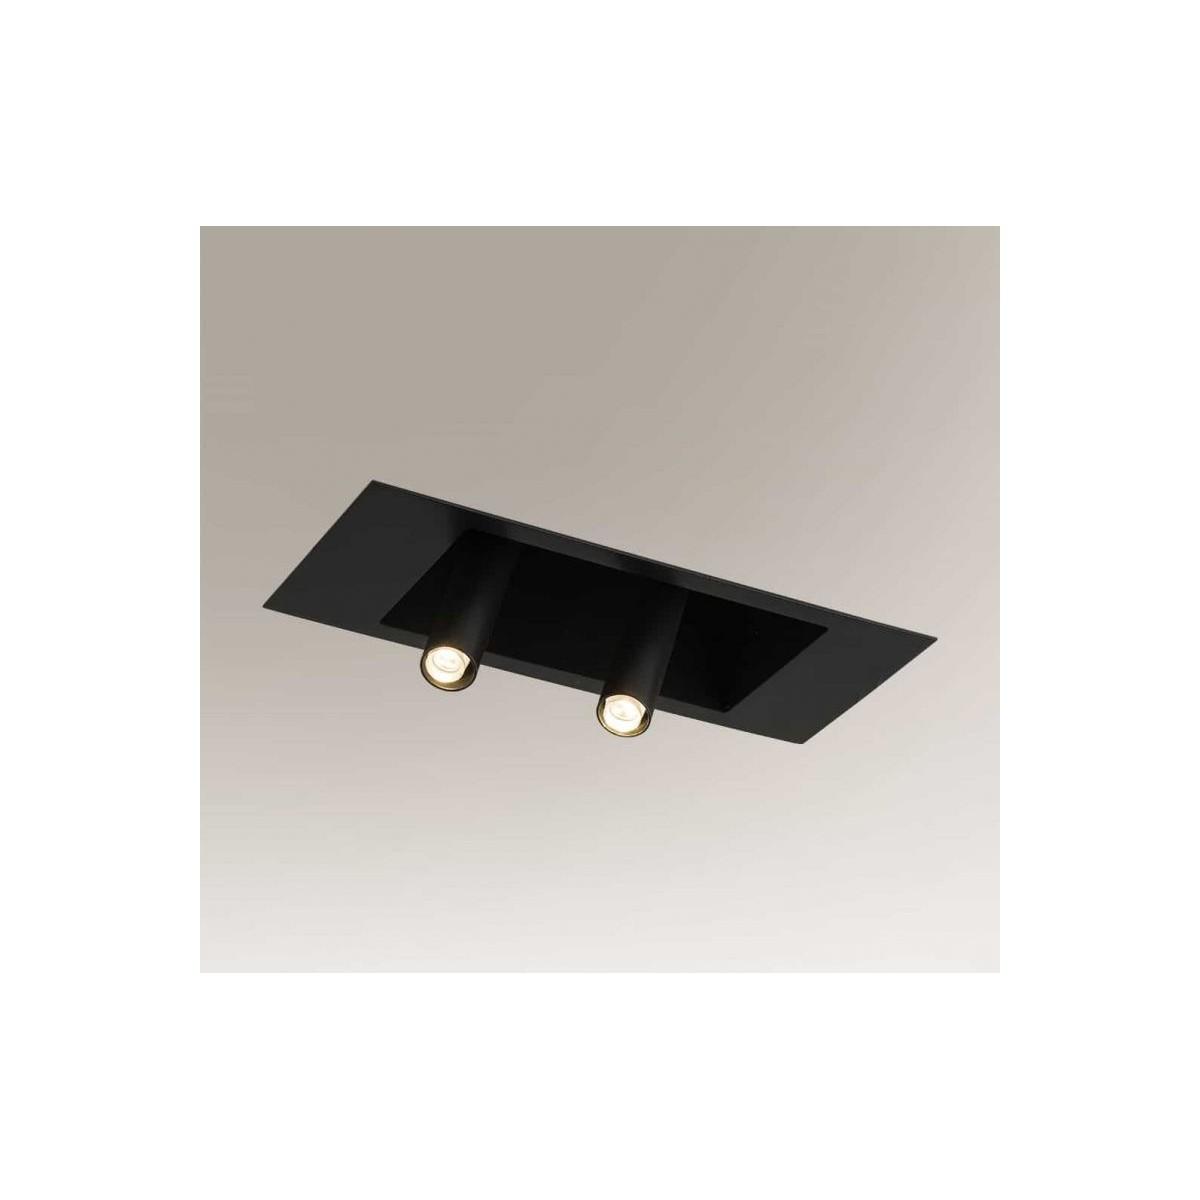 Shilo YAMAGA 2xG9 czarny wpuszczana 7800